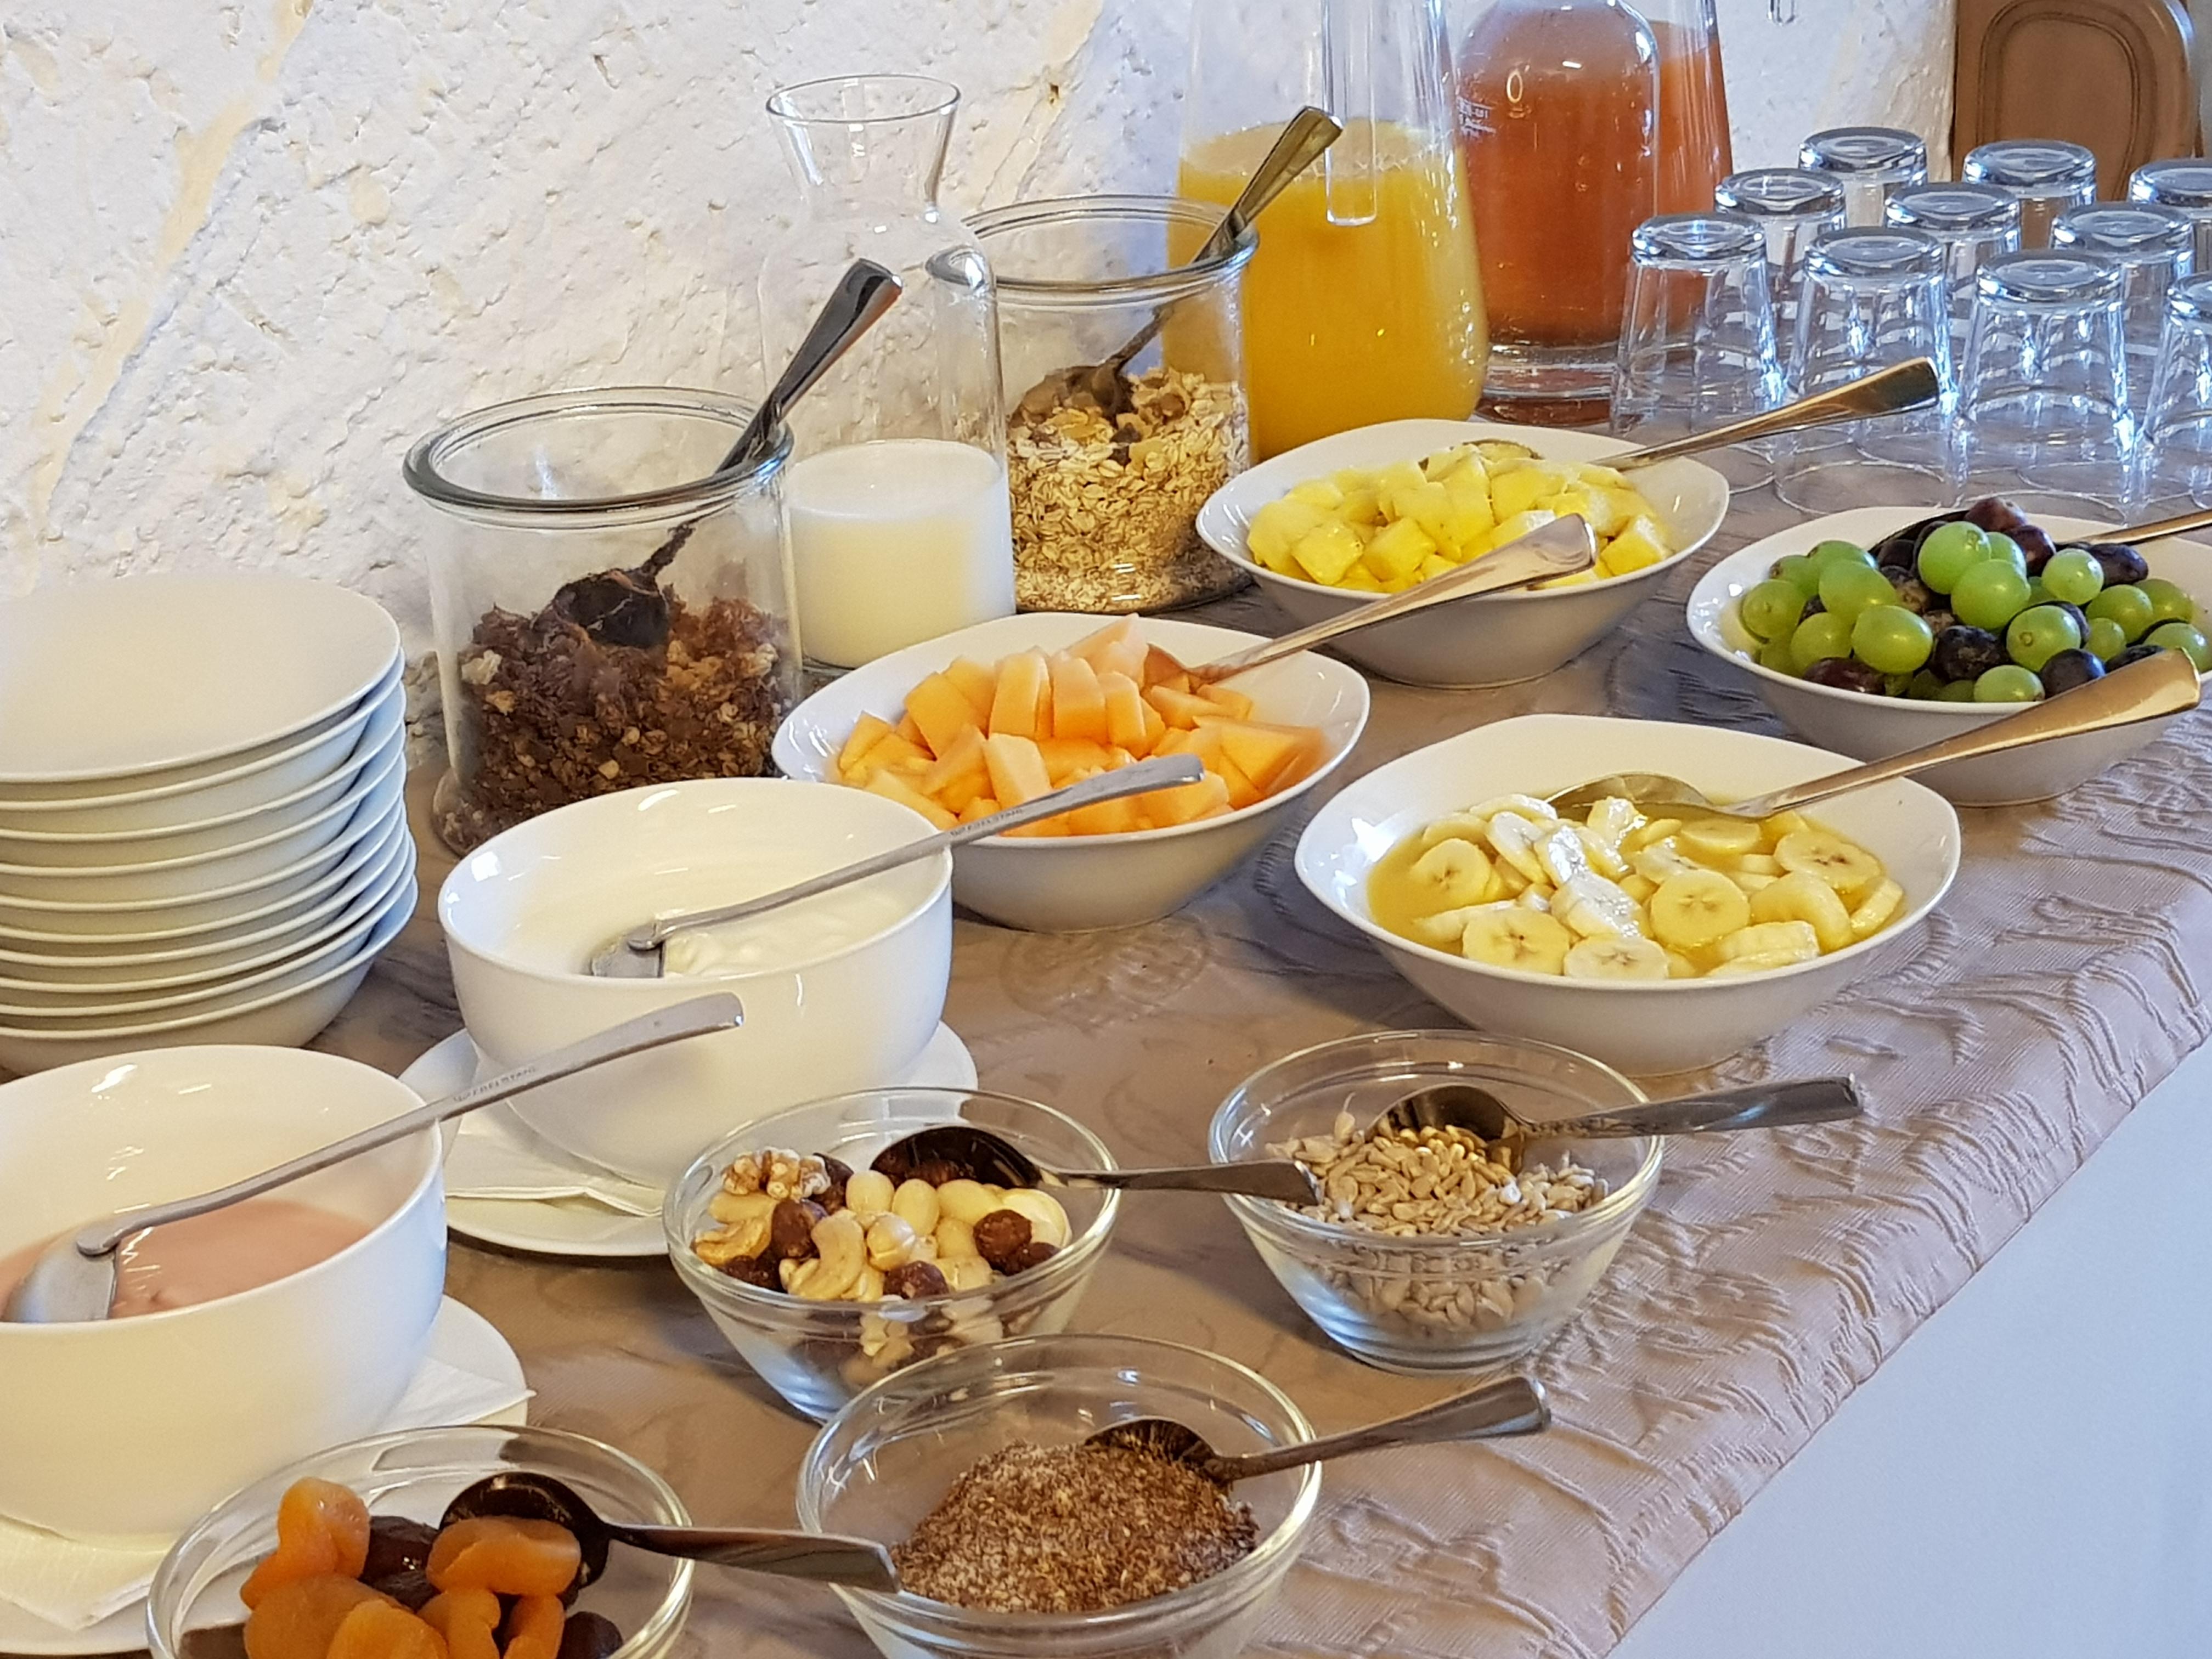 Schönblick Hotel Garni - Ferienwohnungen, Frühstücksbüffet